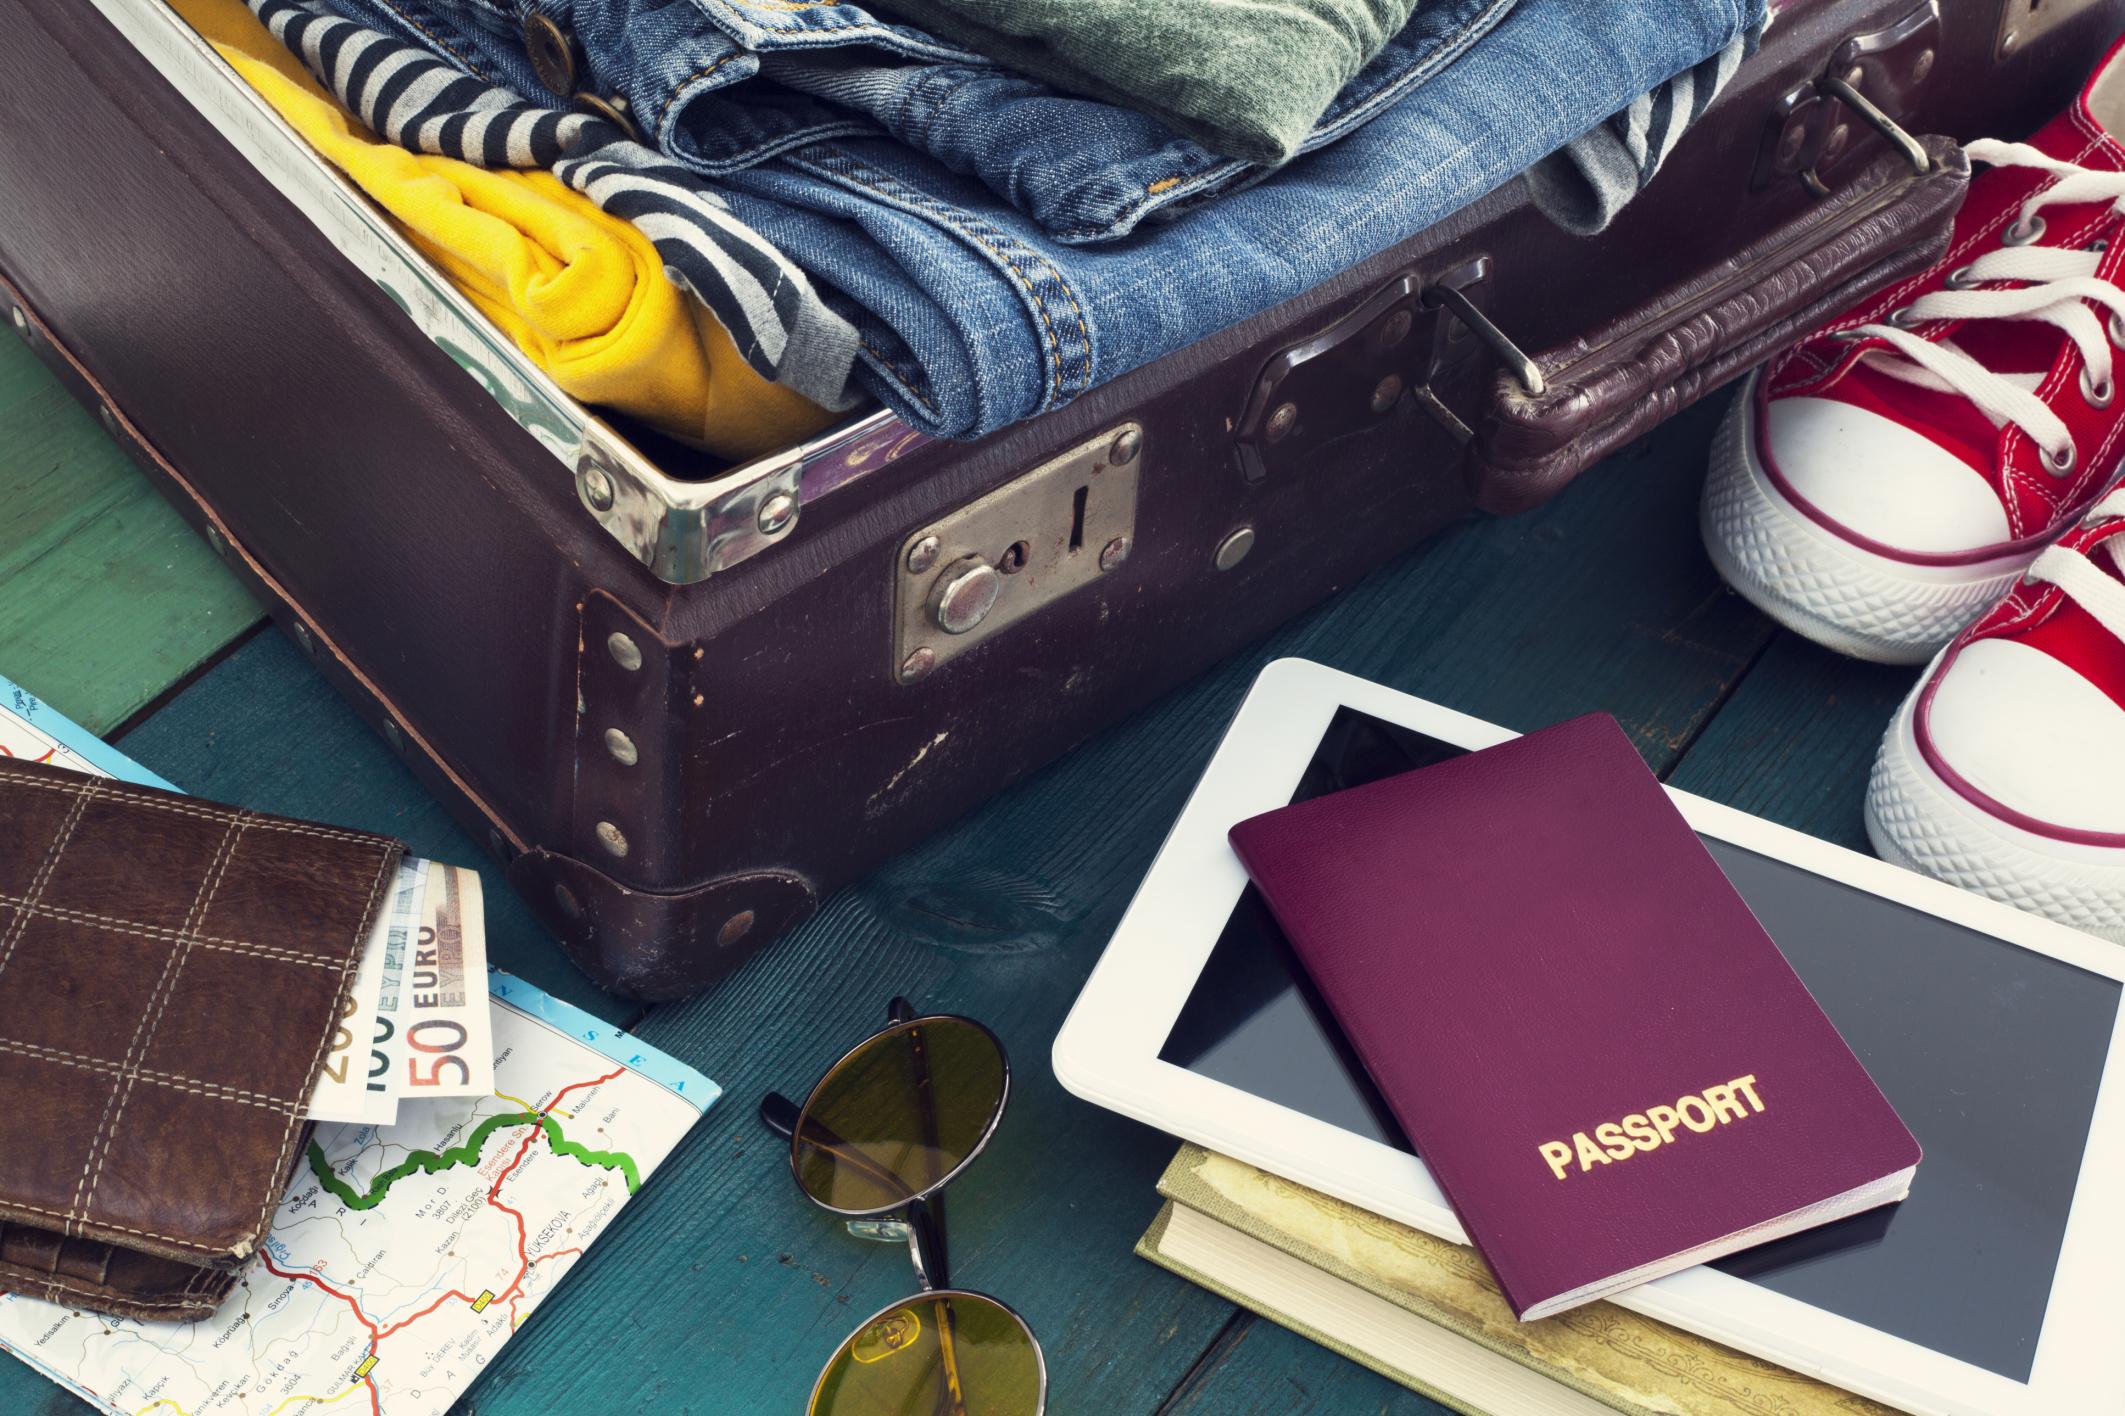 5335e2ae2 14 consejos para hacer la maleta como un profesional | Skyscanner - Noticias